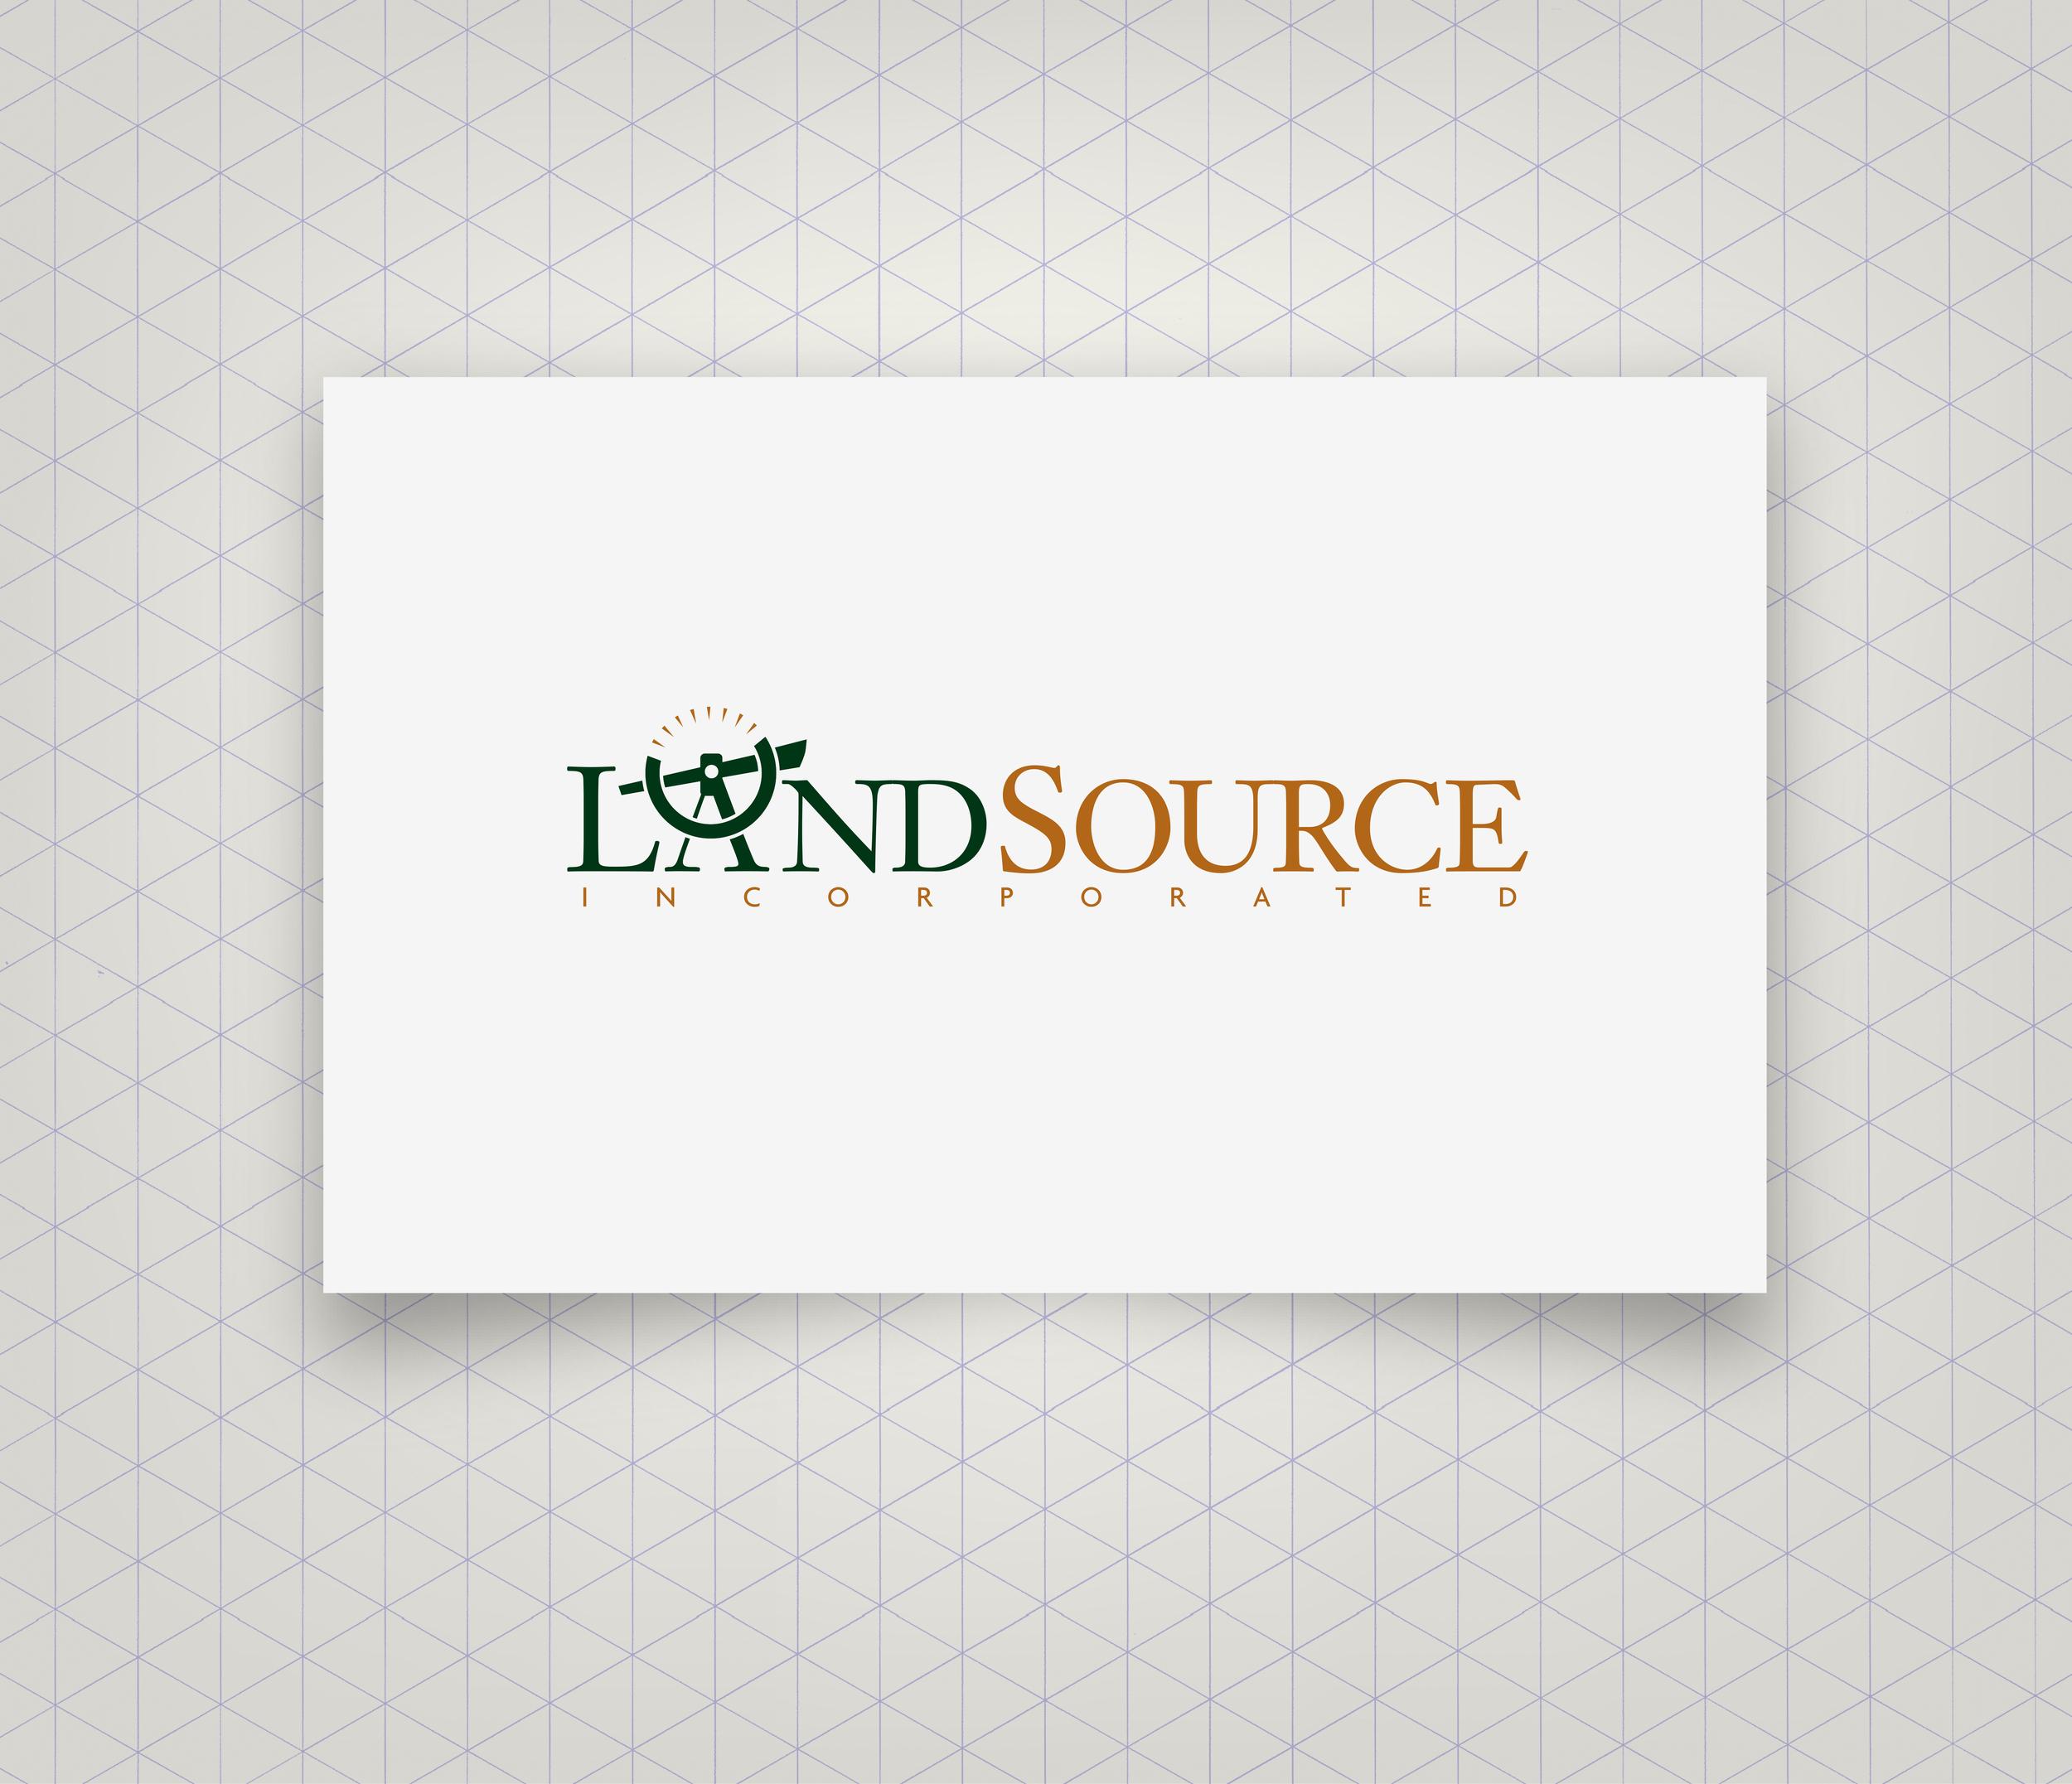 Logo Design for Landsource Incorporated